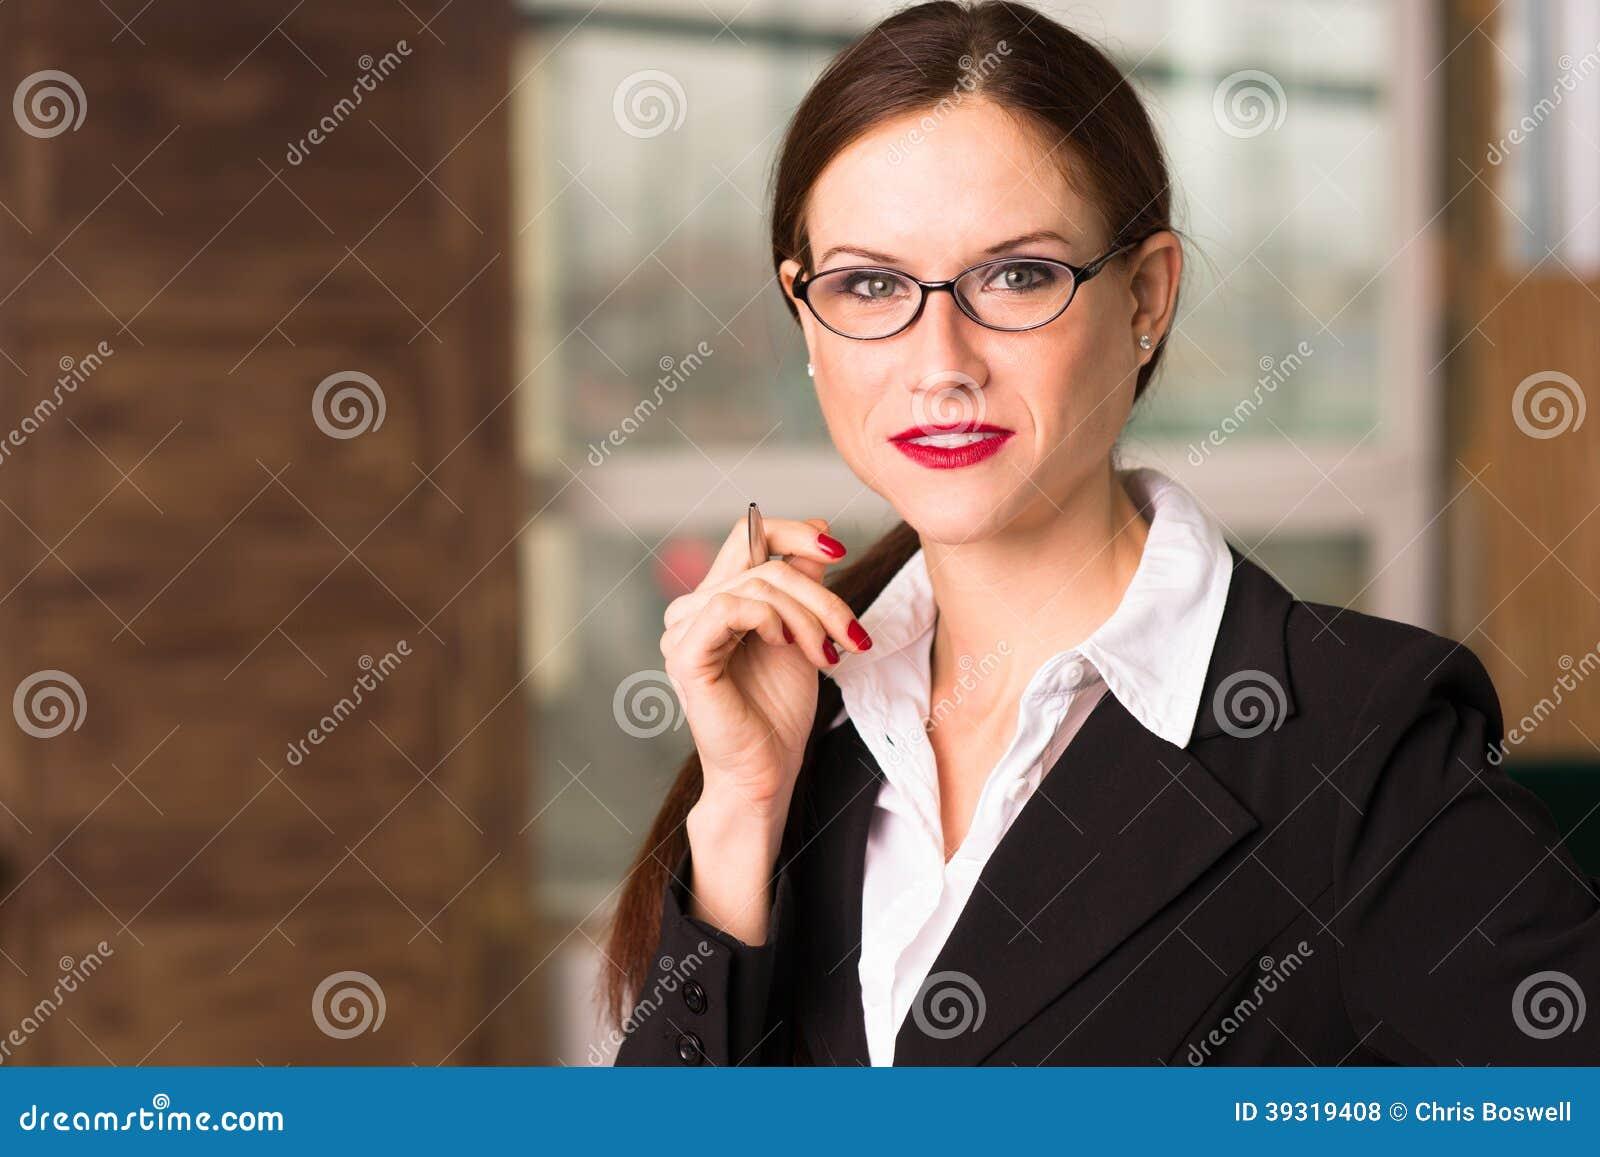 Рабочее место офиса главного исполнительного директора бизнес-леди привлекательного брюнет женское